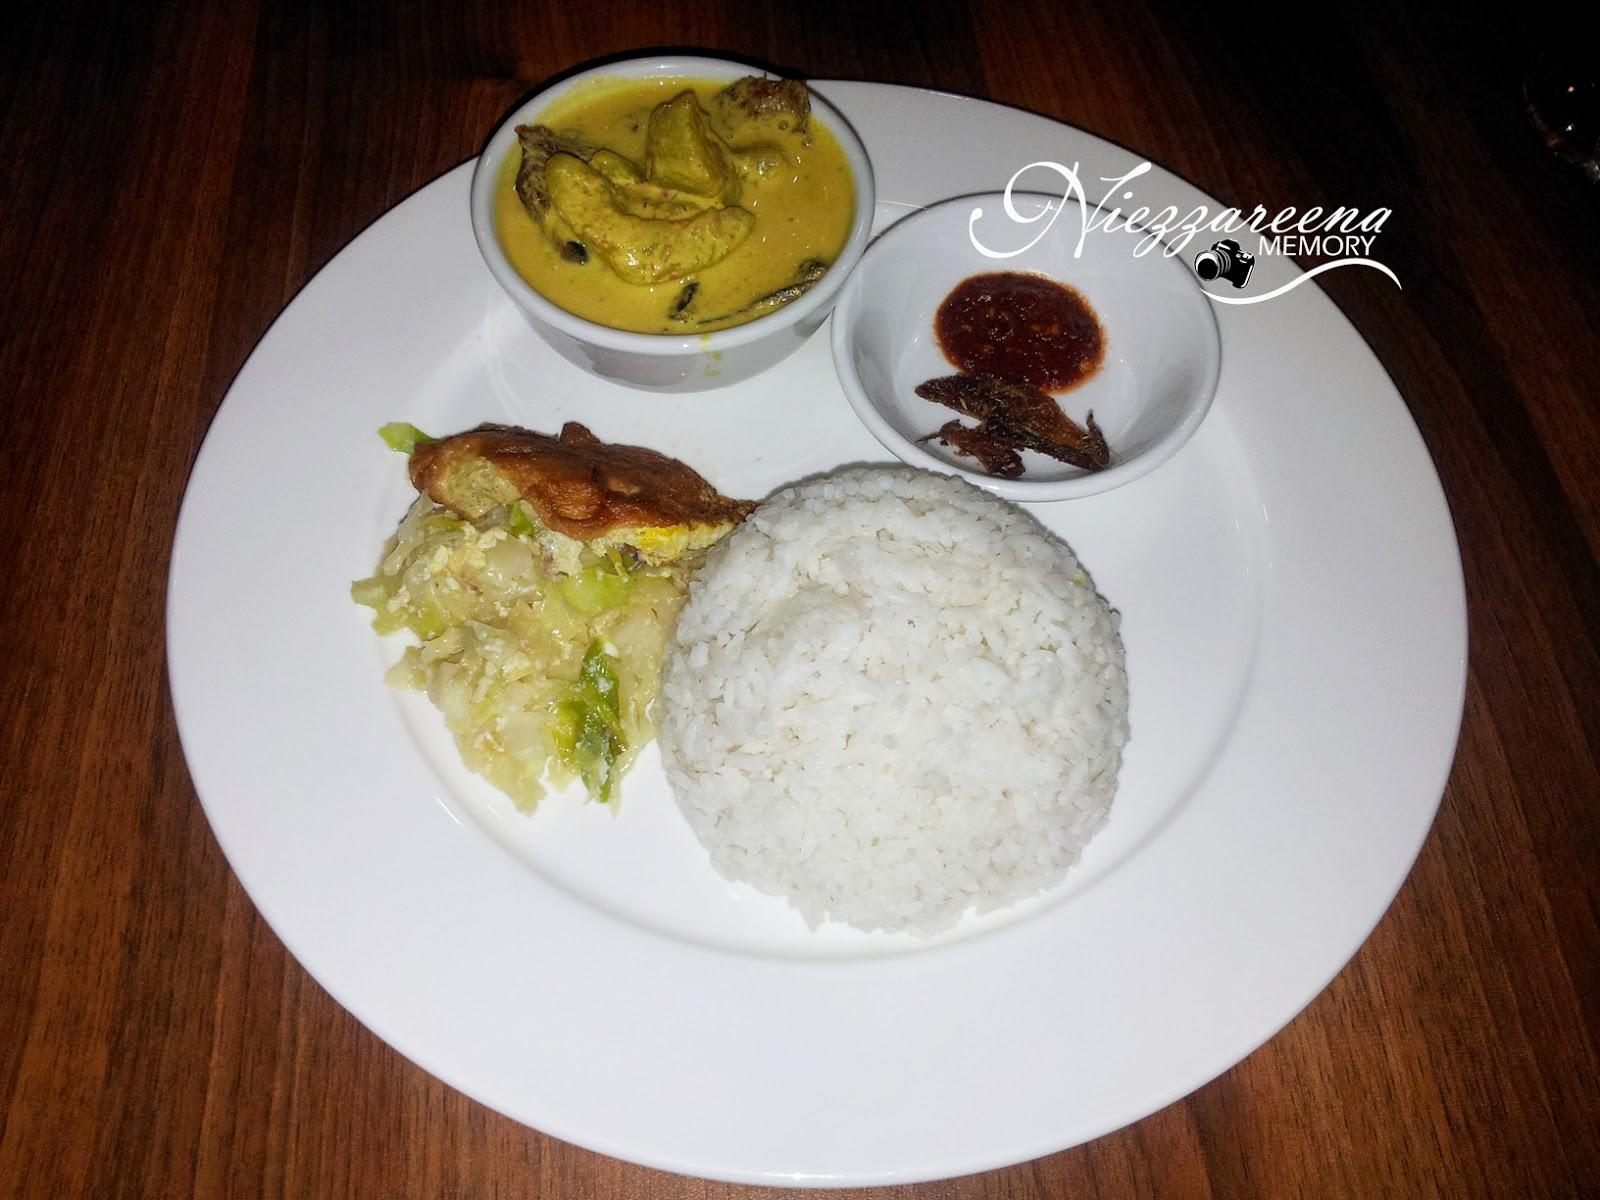 niezzareenamemory02: khadijah\'s kitchen